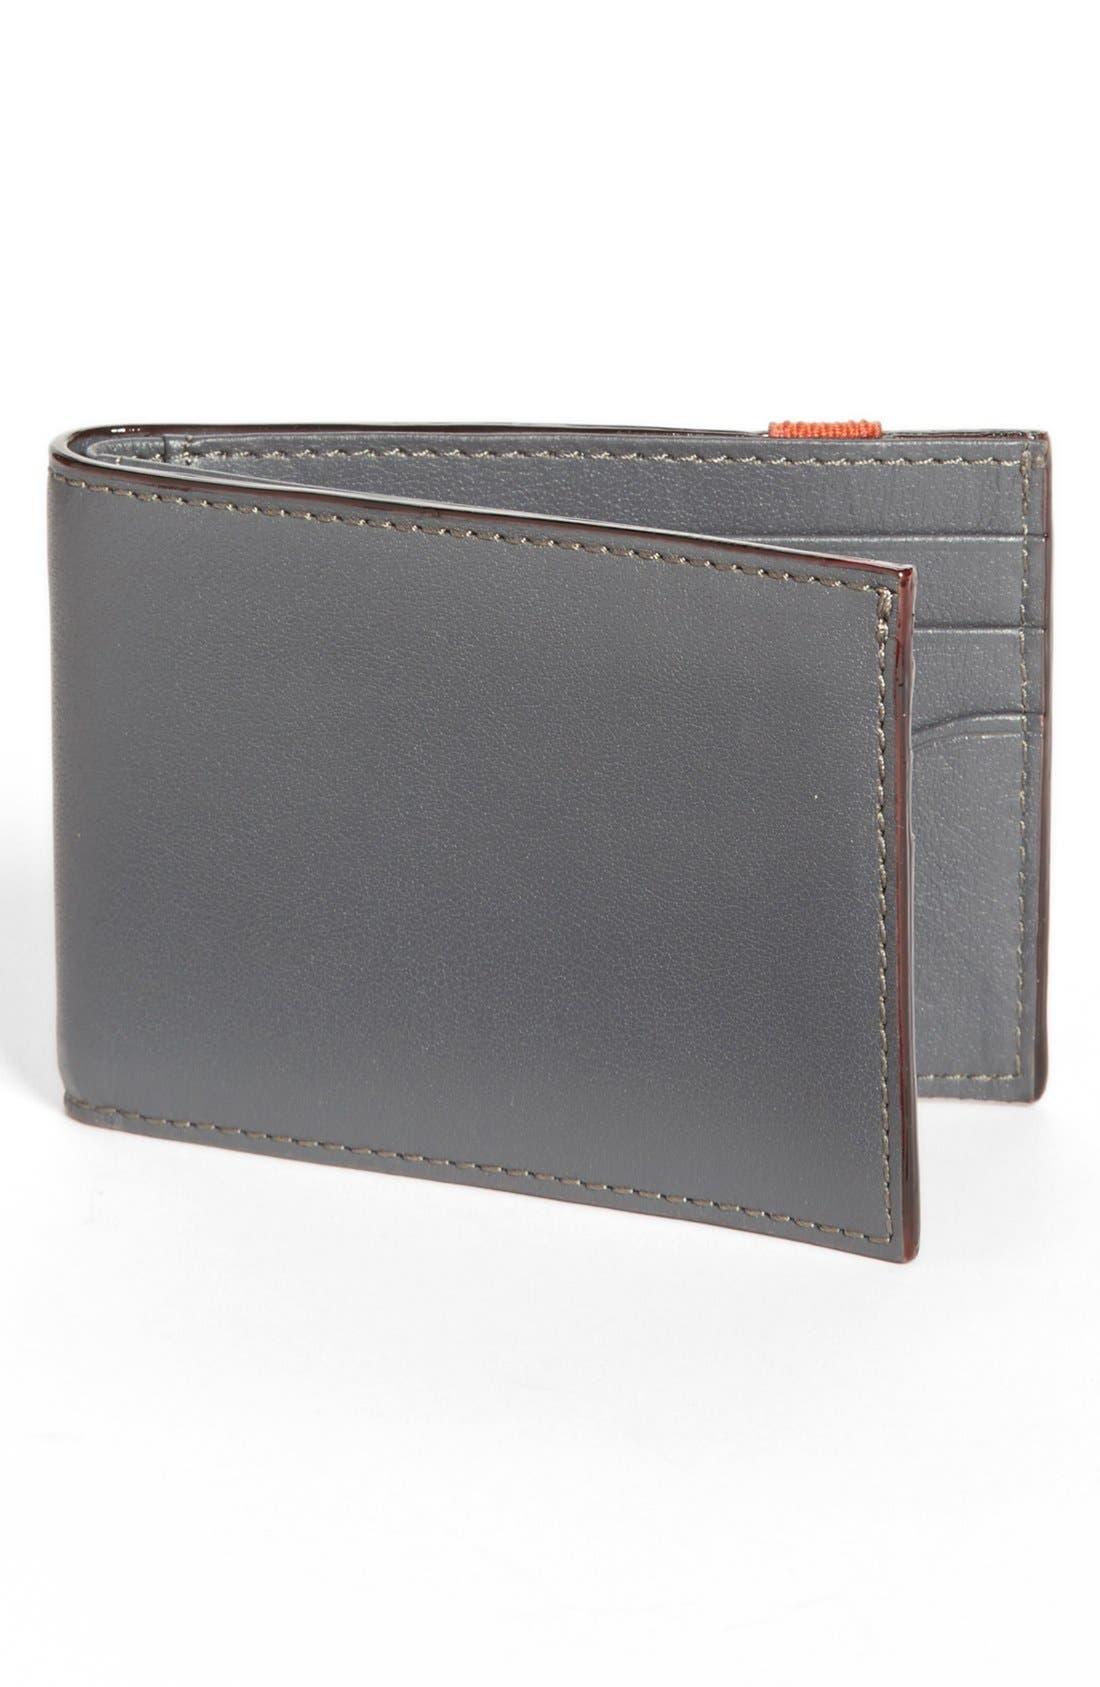 Alternate Image 1 Selected - Jack Spade Index Wallet